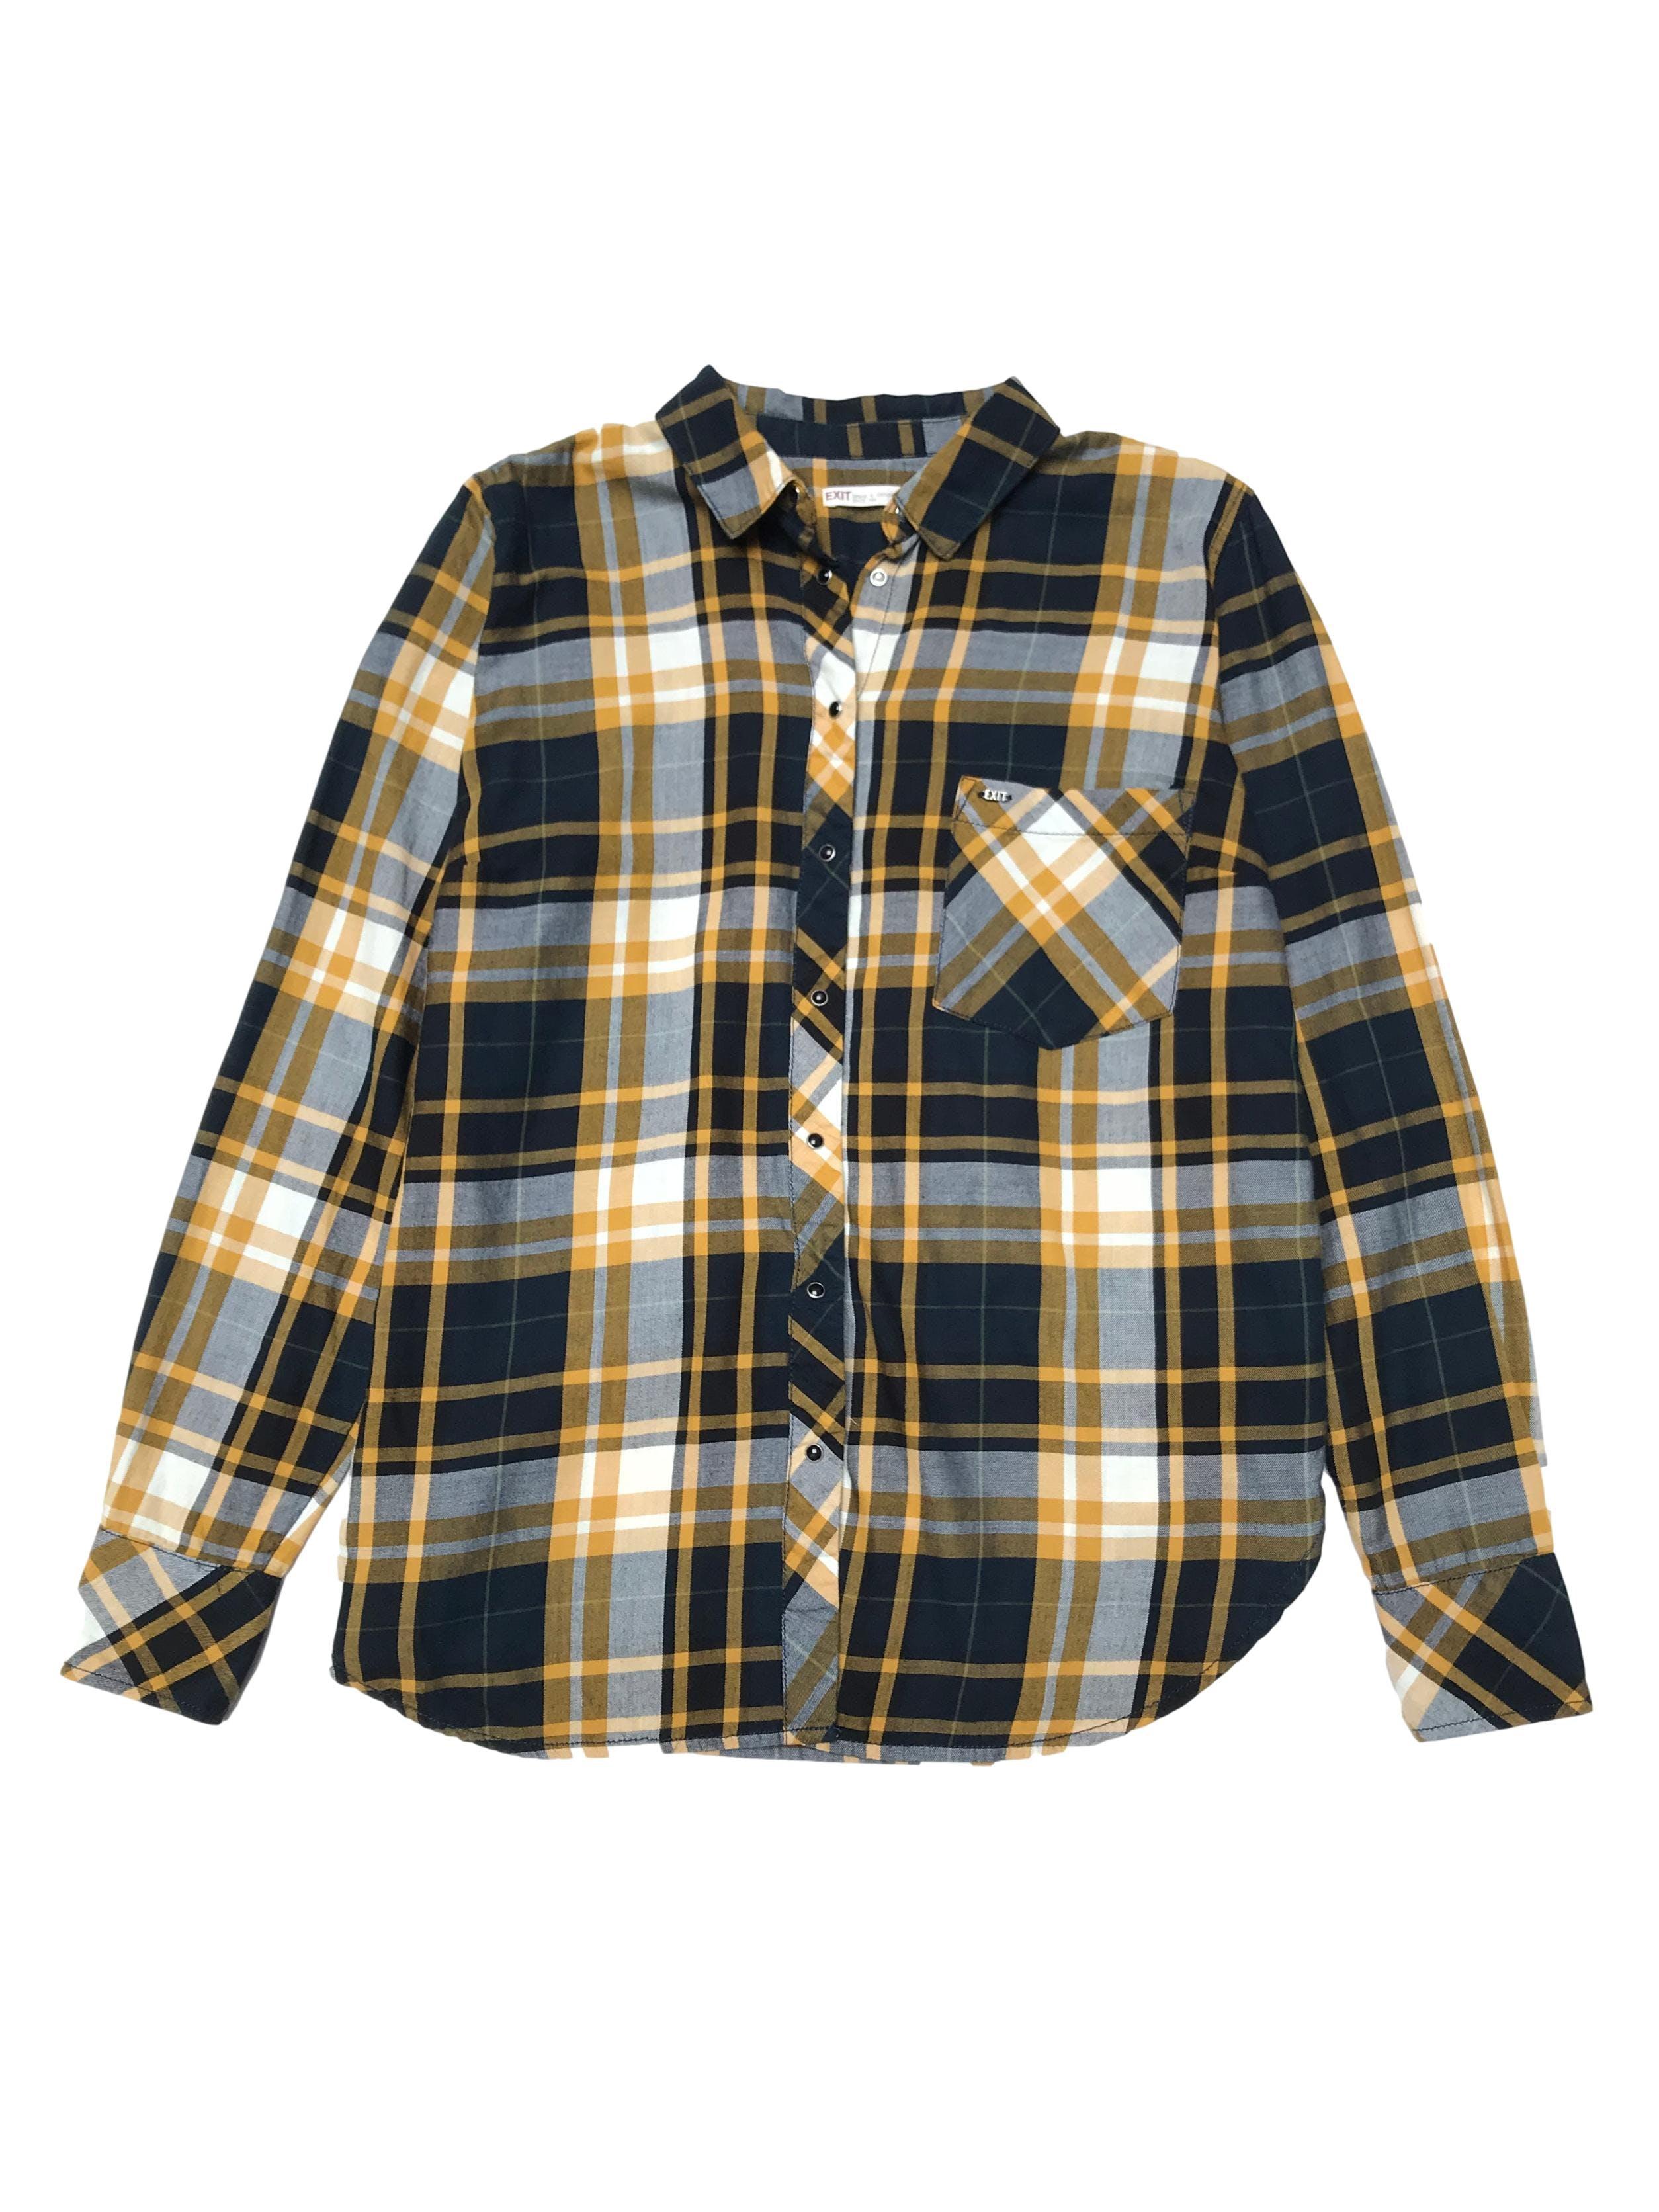 Blusa Exit 100% algodón a cuadros azules, blancos y amarillos, cierra con broches. Precio original S/ 130